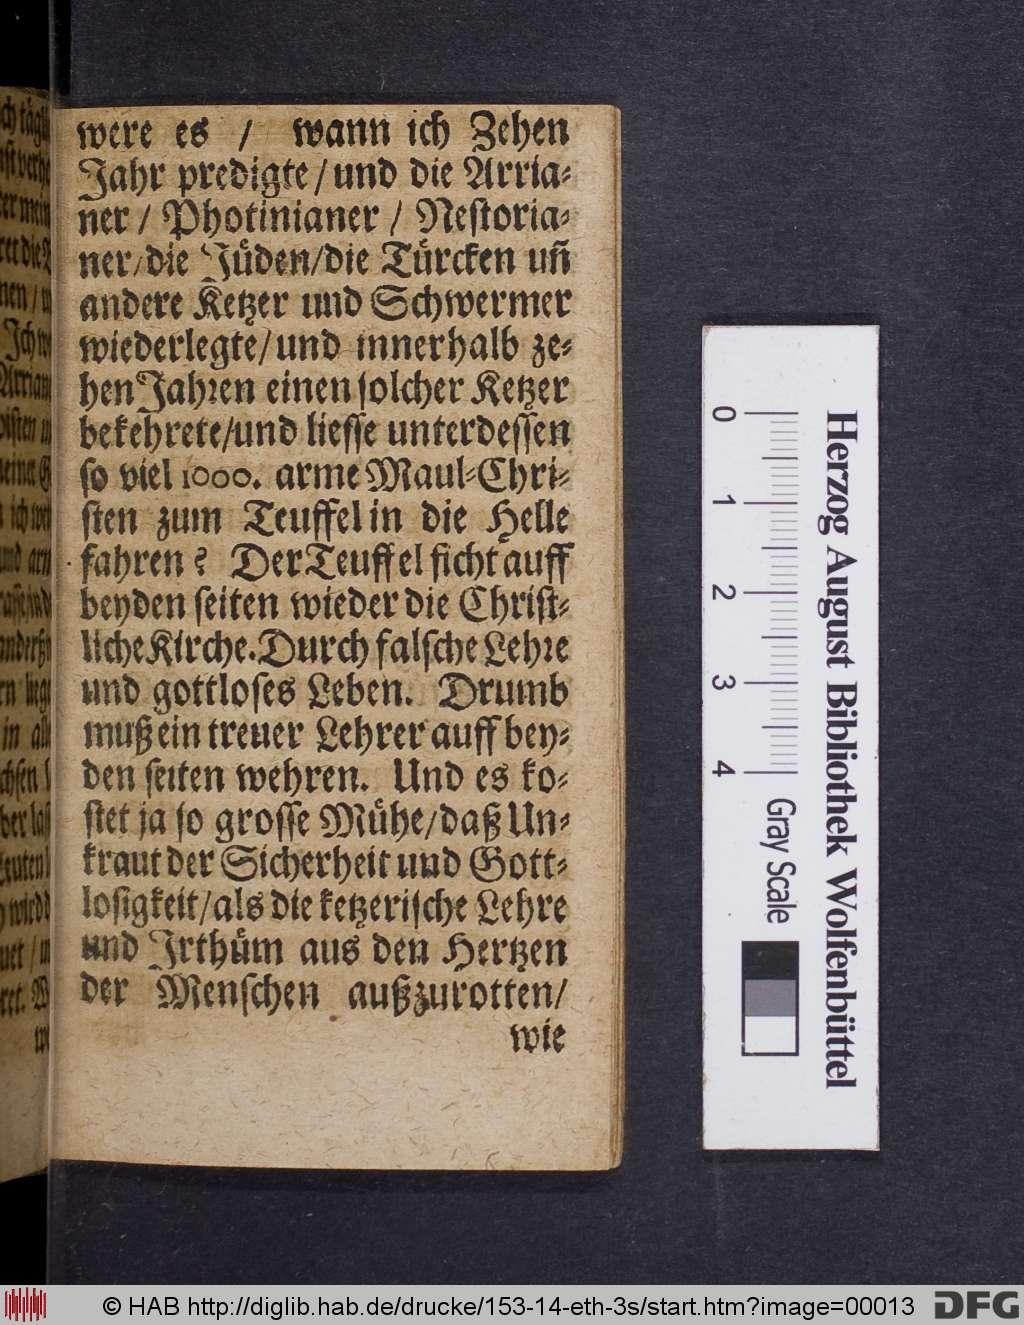 http://diglib.hab.de/drucke/153-14-eth-3s/00013.jpg